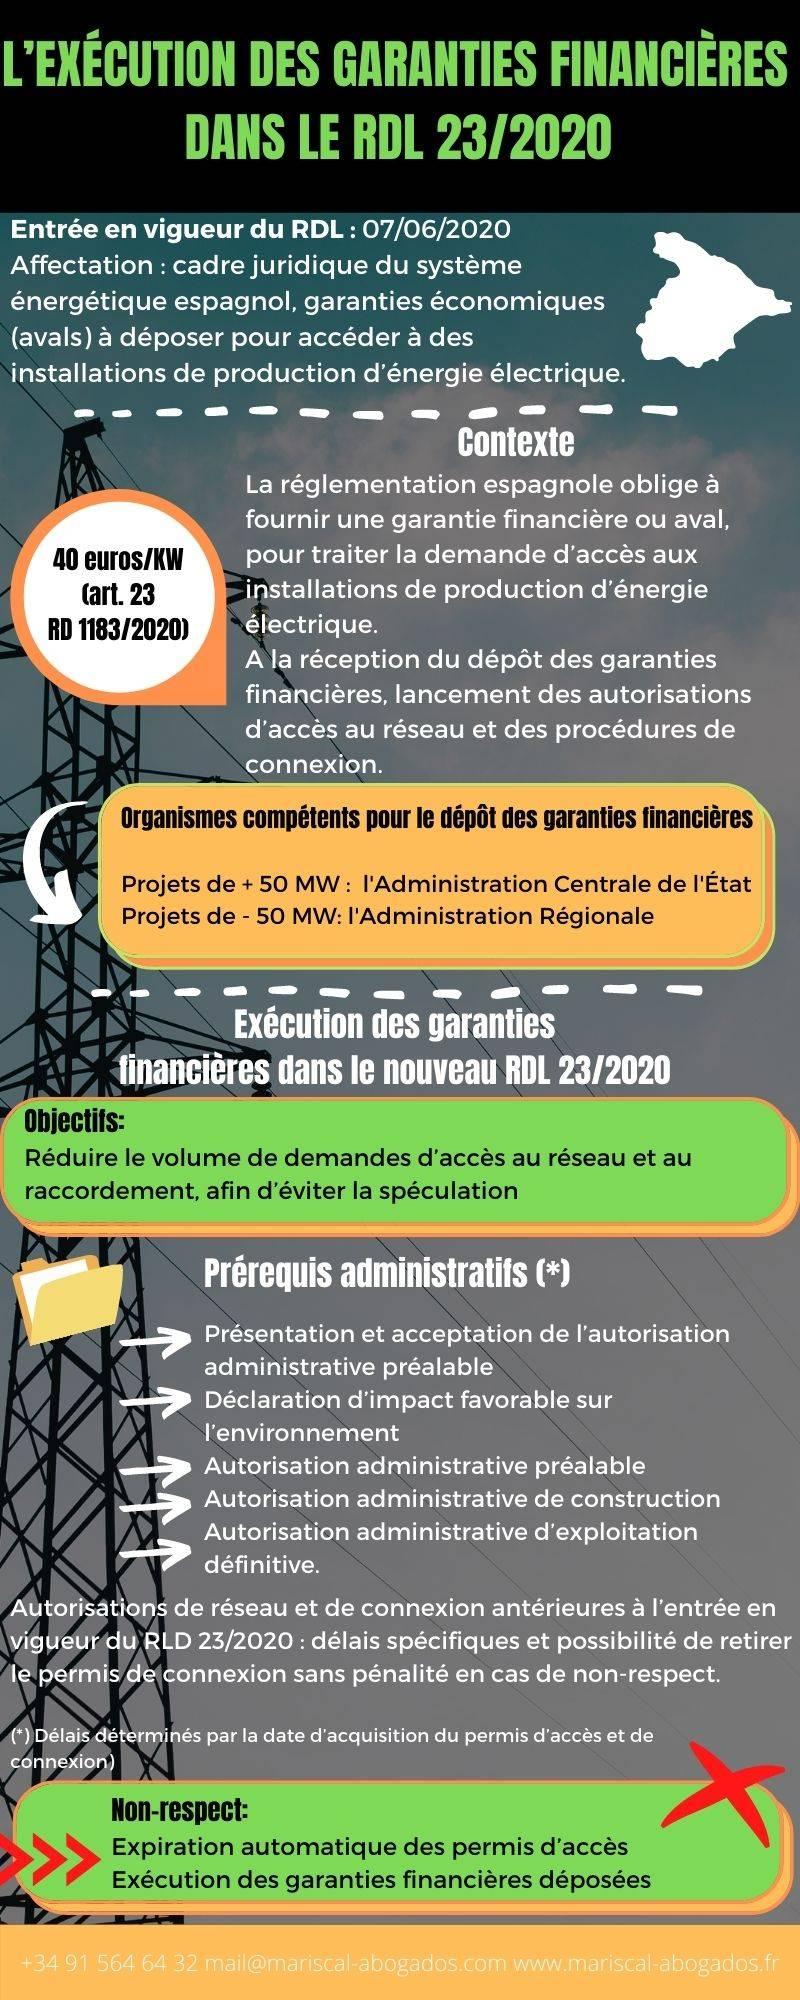 Exécution des garanties financières, le RDL 23/2020